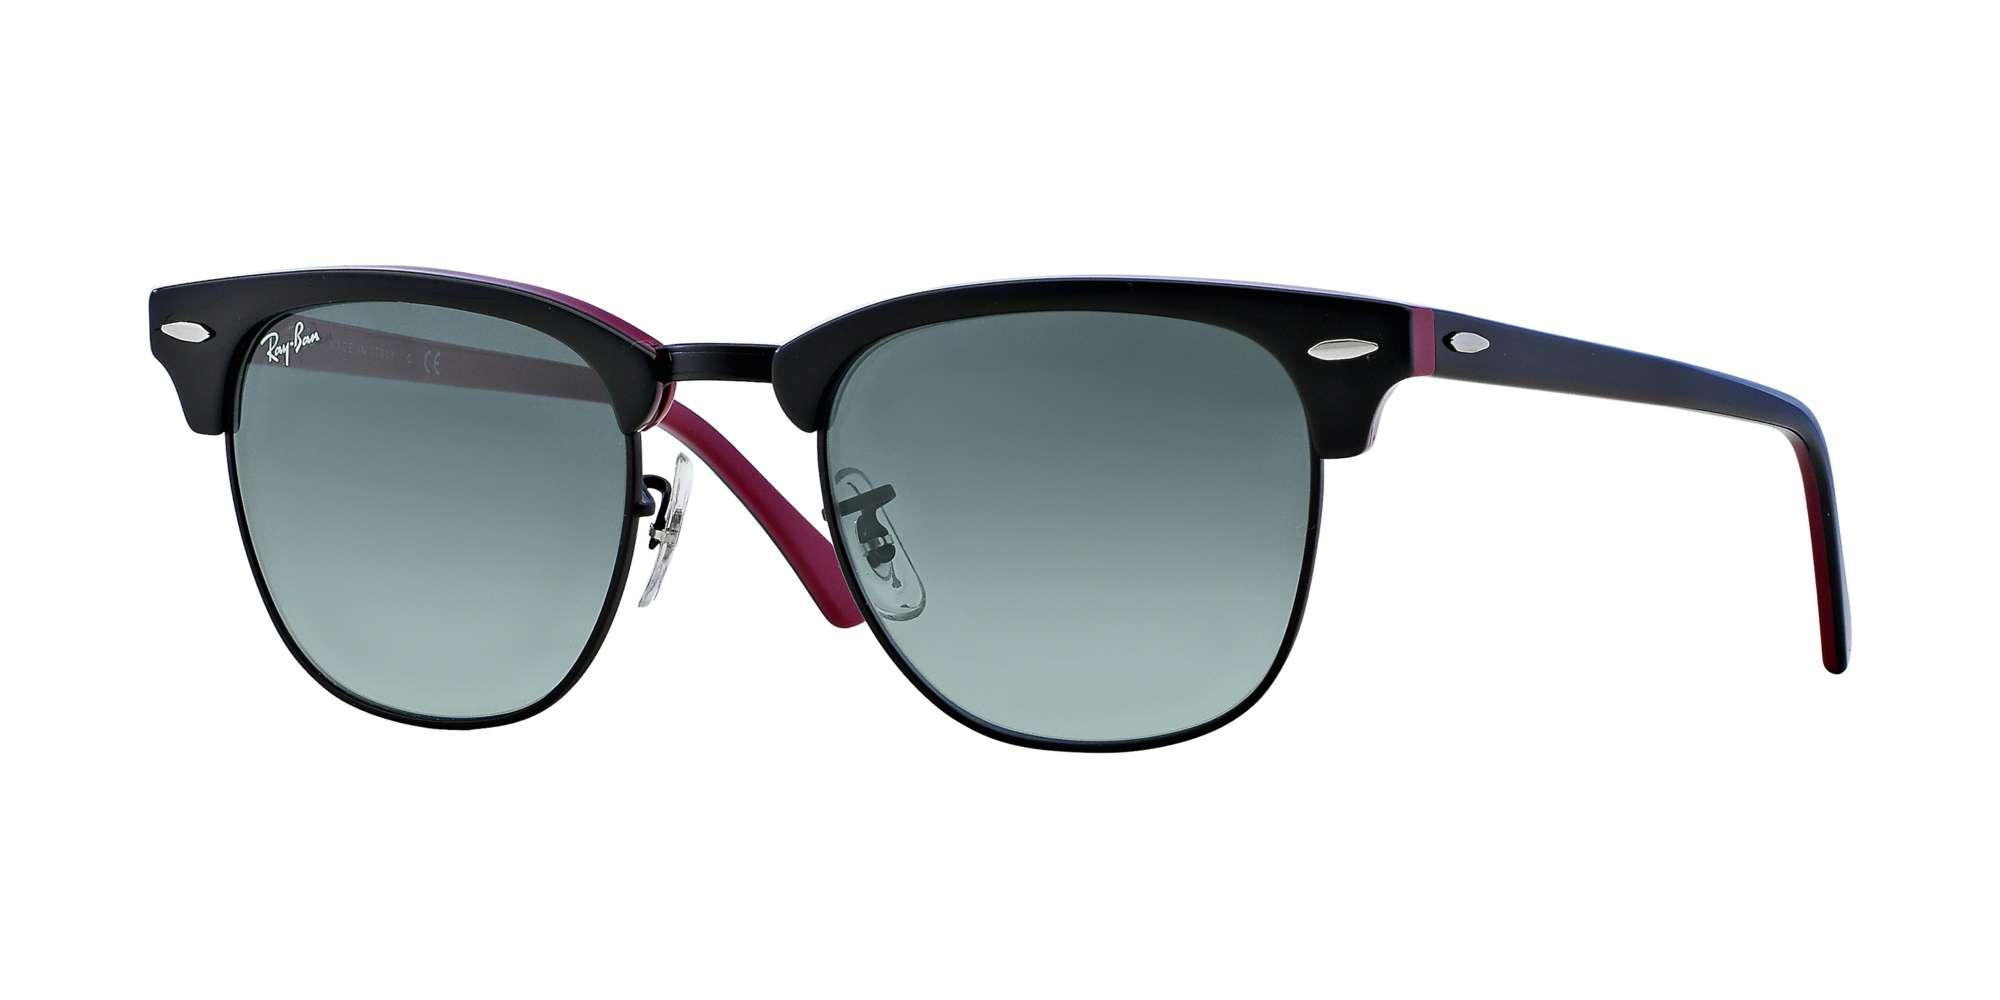 Top Black On Purple/Blac / Crystal Grey Gradient lenses